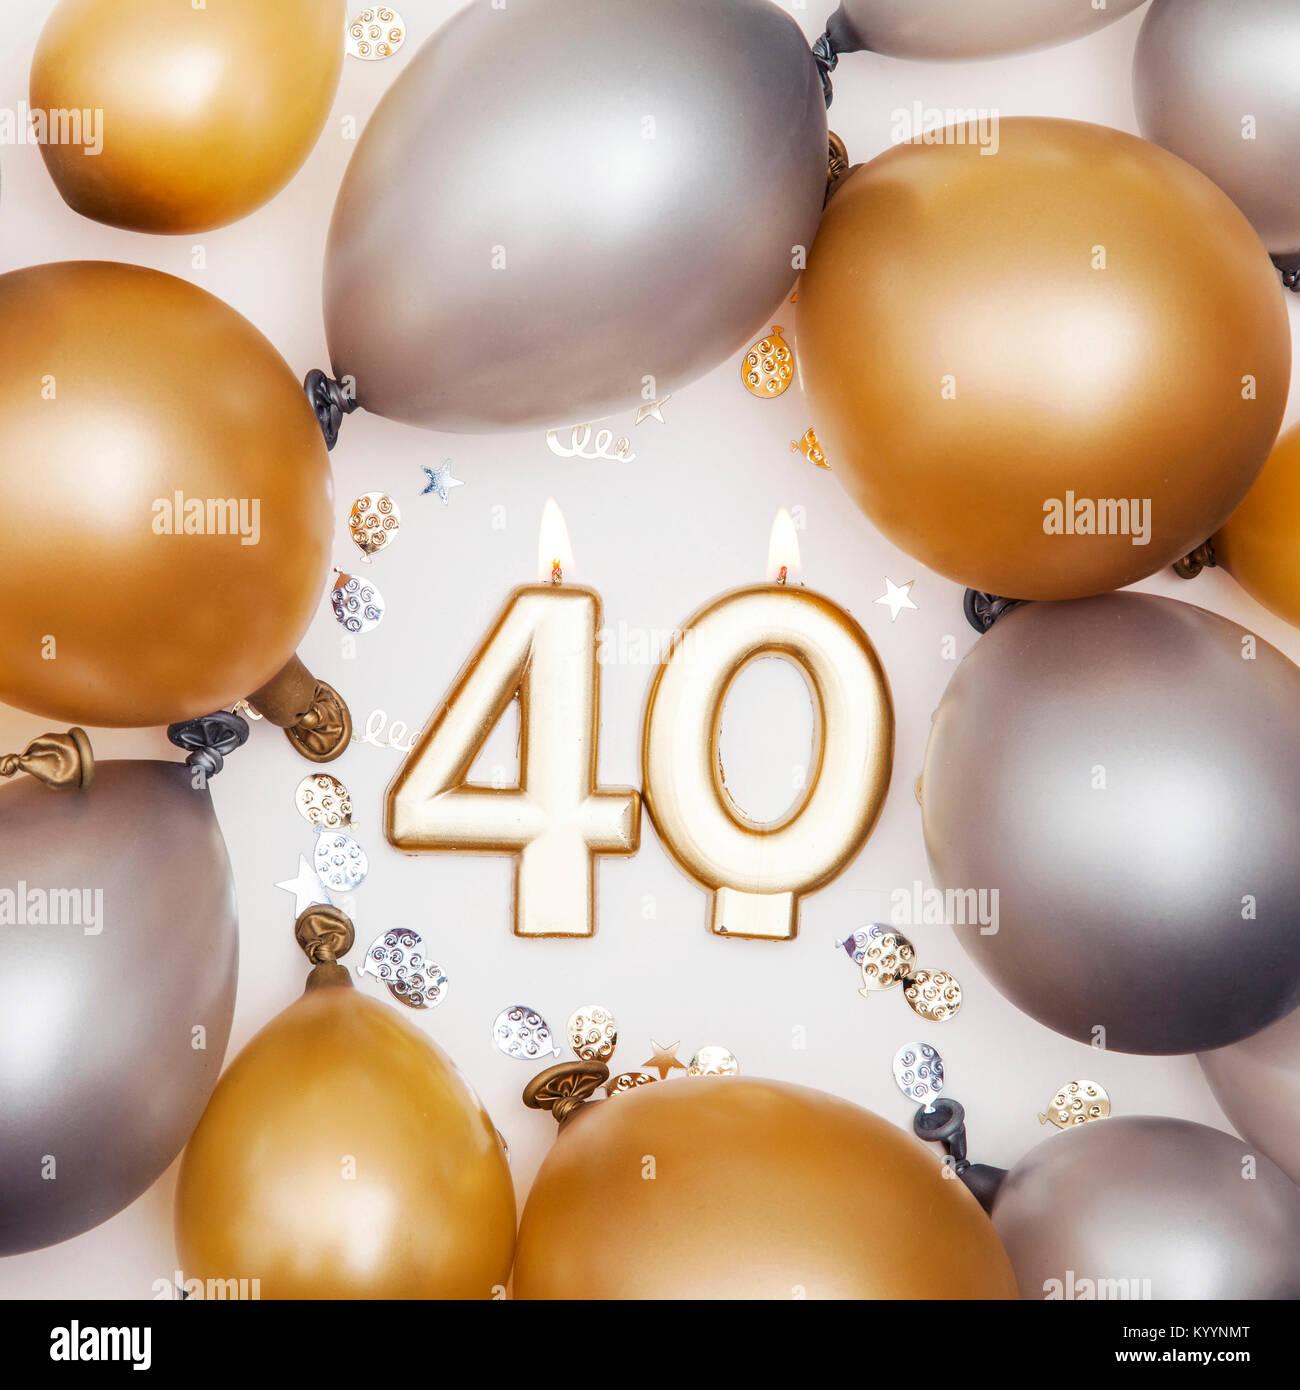 Imagenes De Cumpleanos Numero 40.Fiesta De Cumpleanos Numero 40 Vela Con Globos De Oro Y